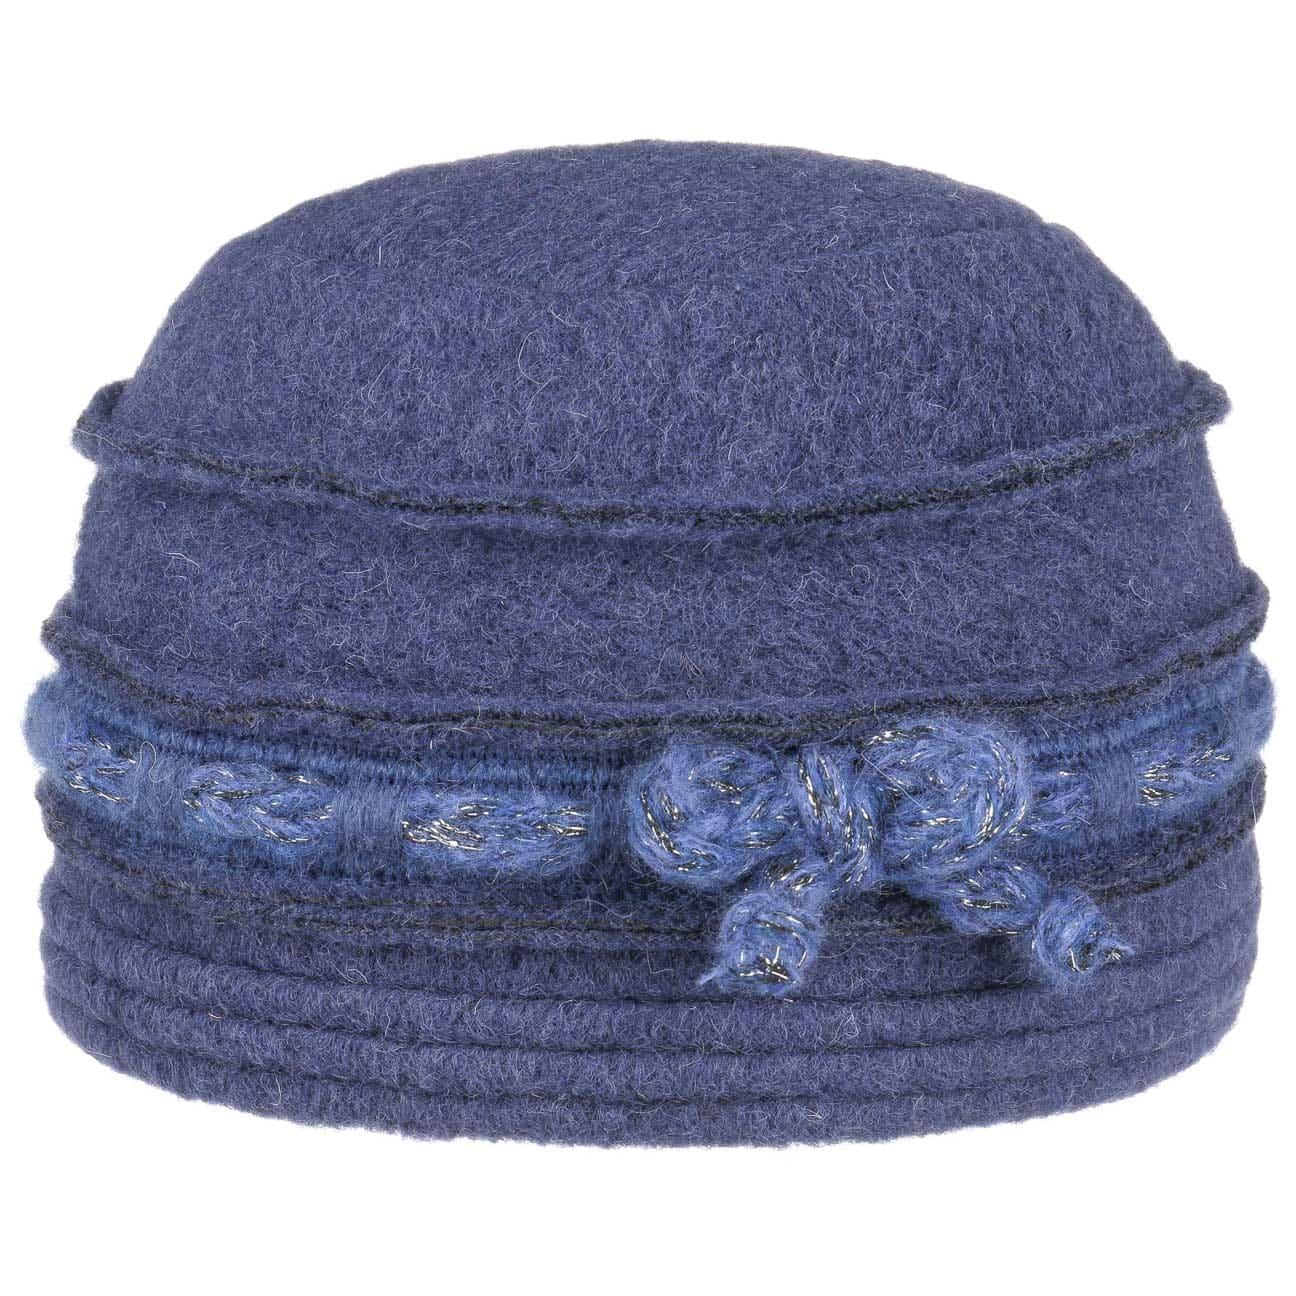 weit verbreitet beste Seite bis zu 60% sparen Guliana Lurex Damen Wollmütze by Lierys